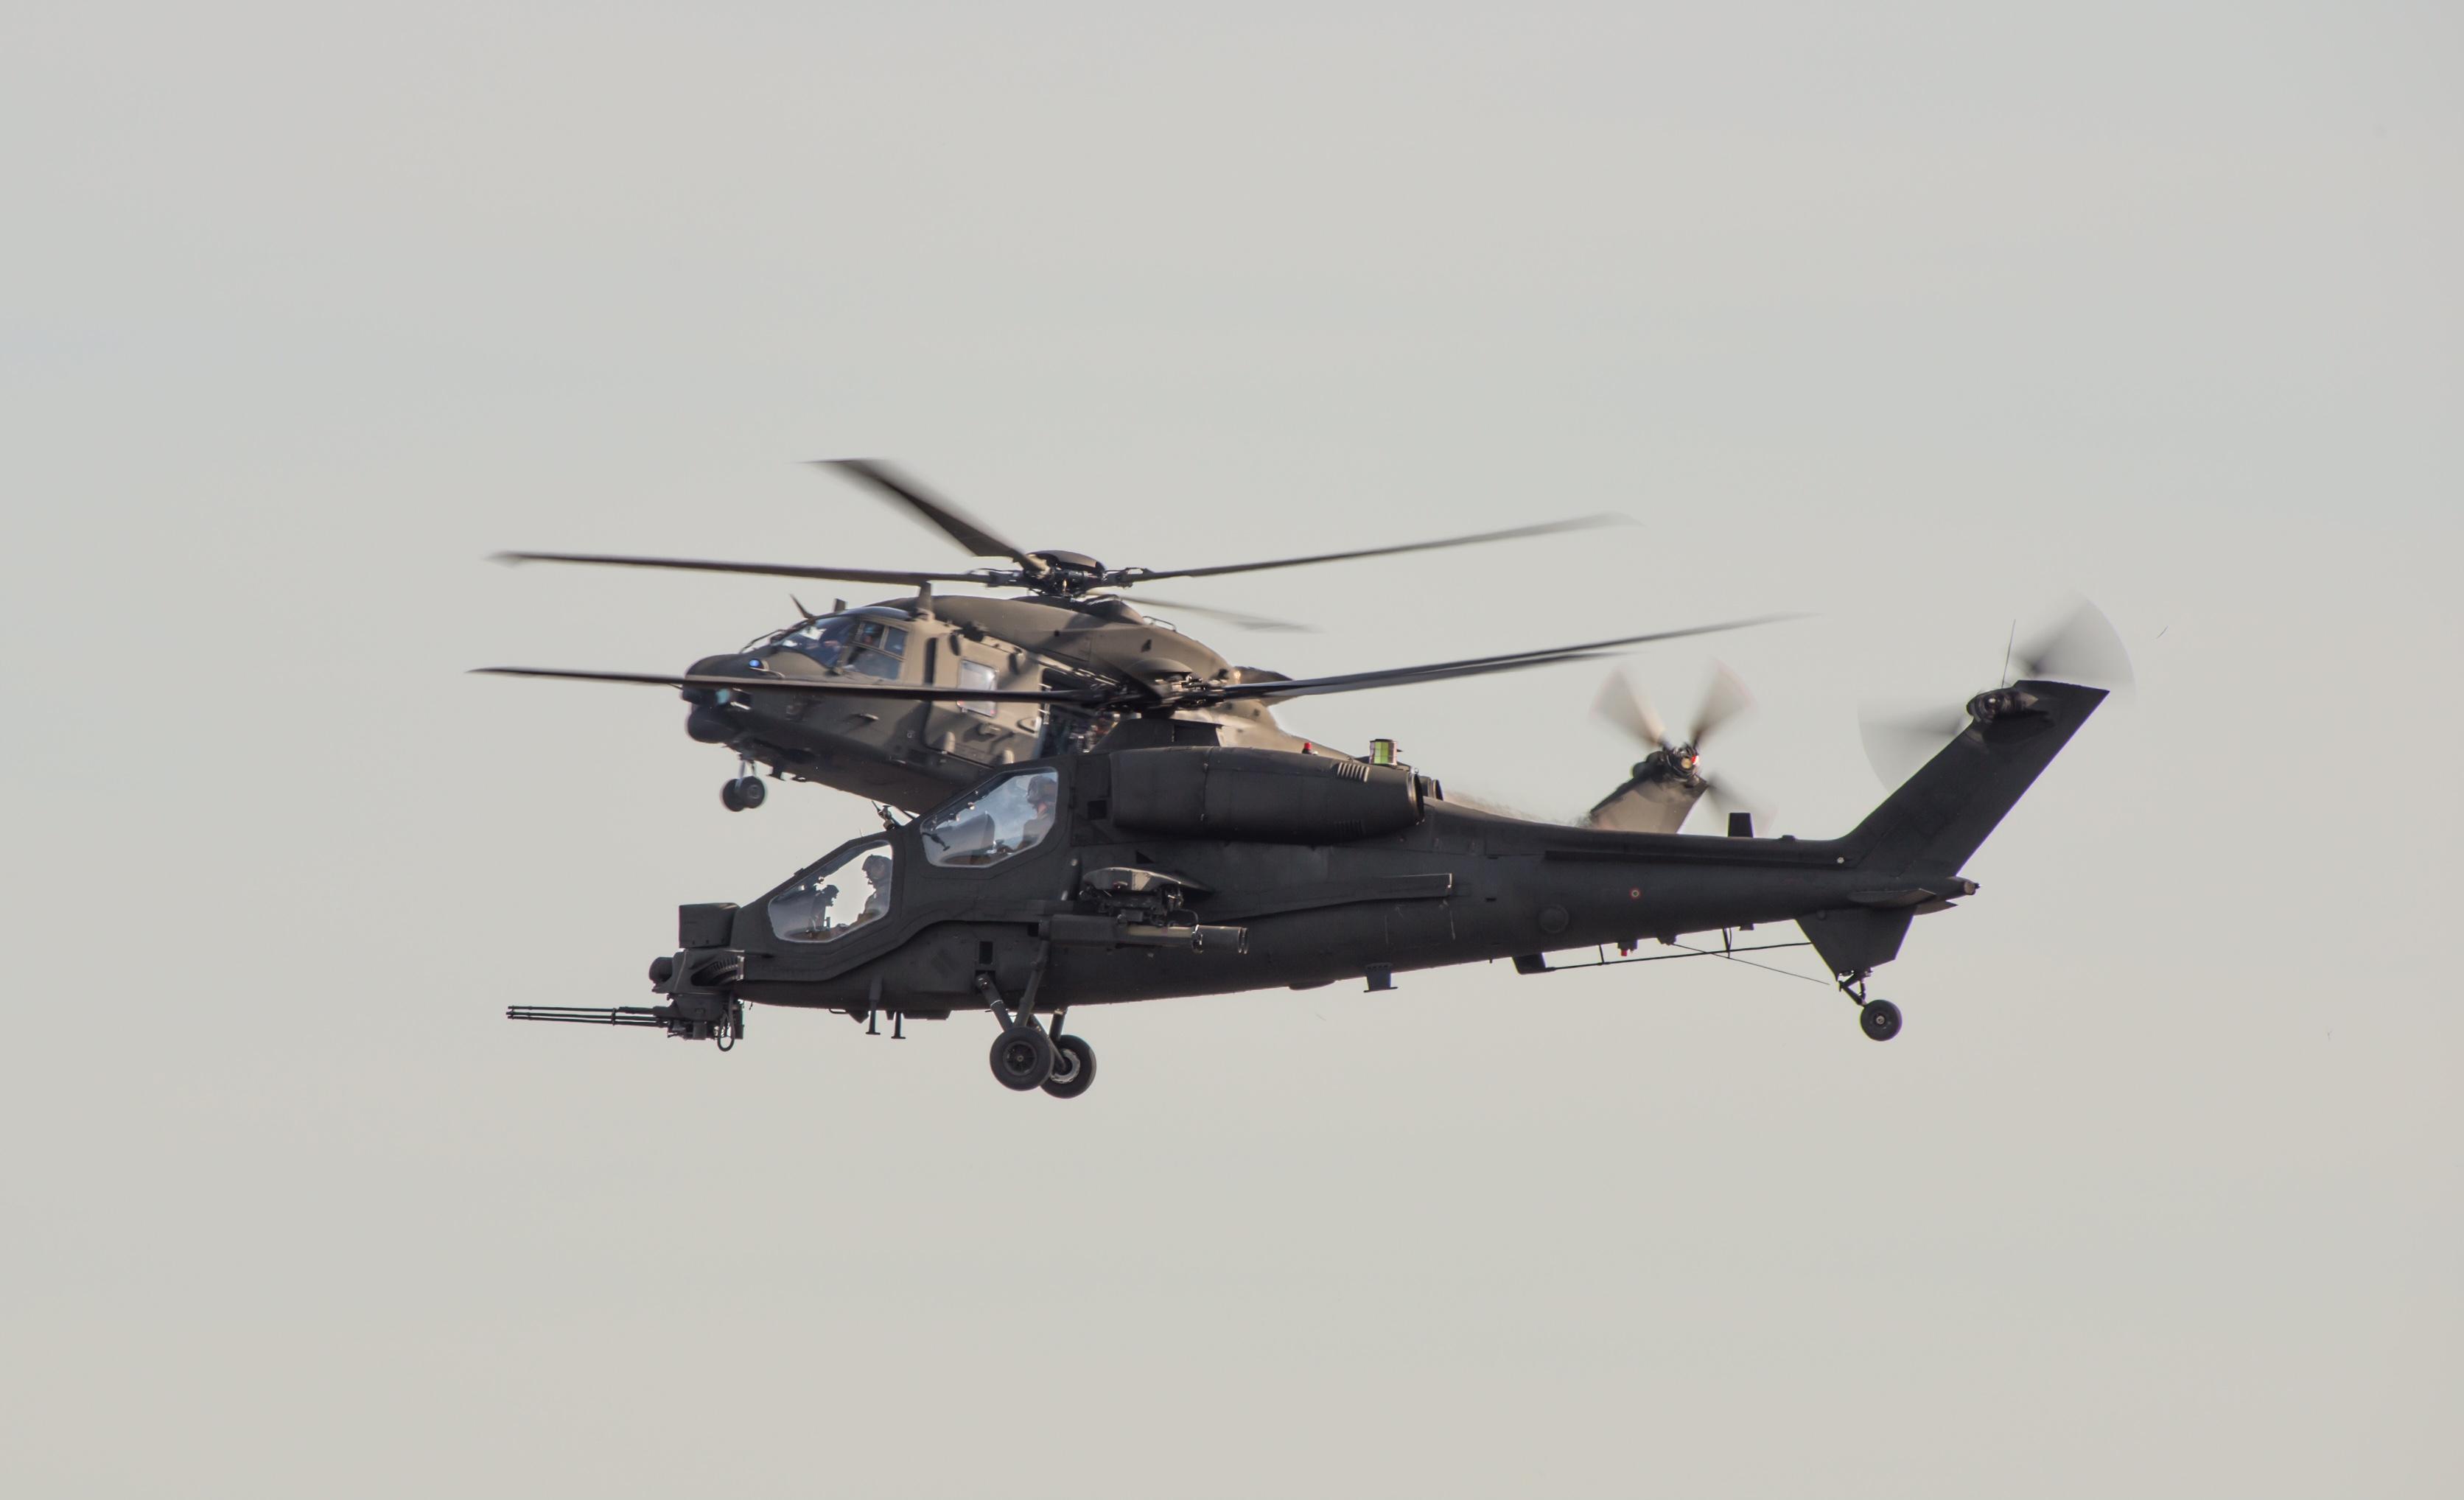 Elicottero Gdf : New ray ny elicottero nh guardia di finanza modellino